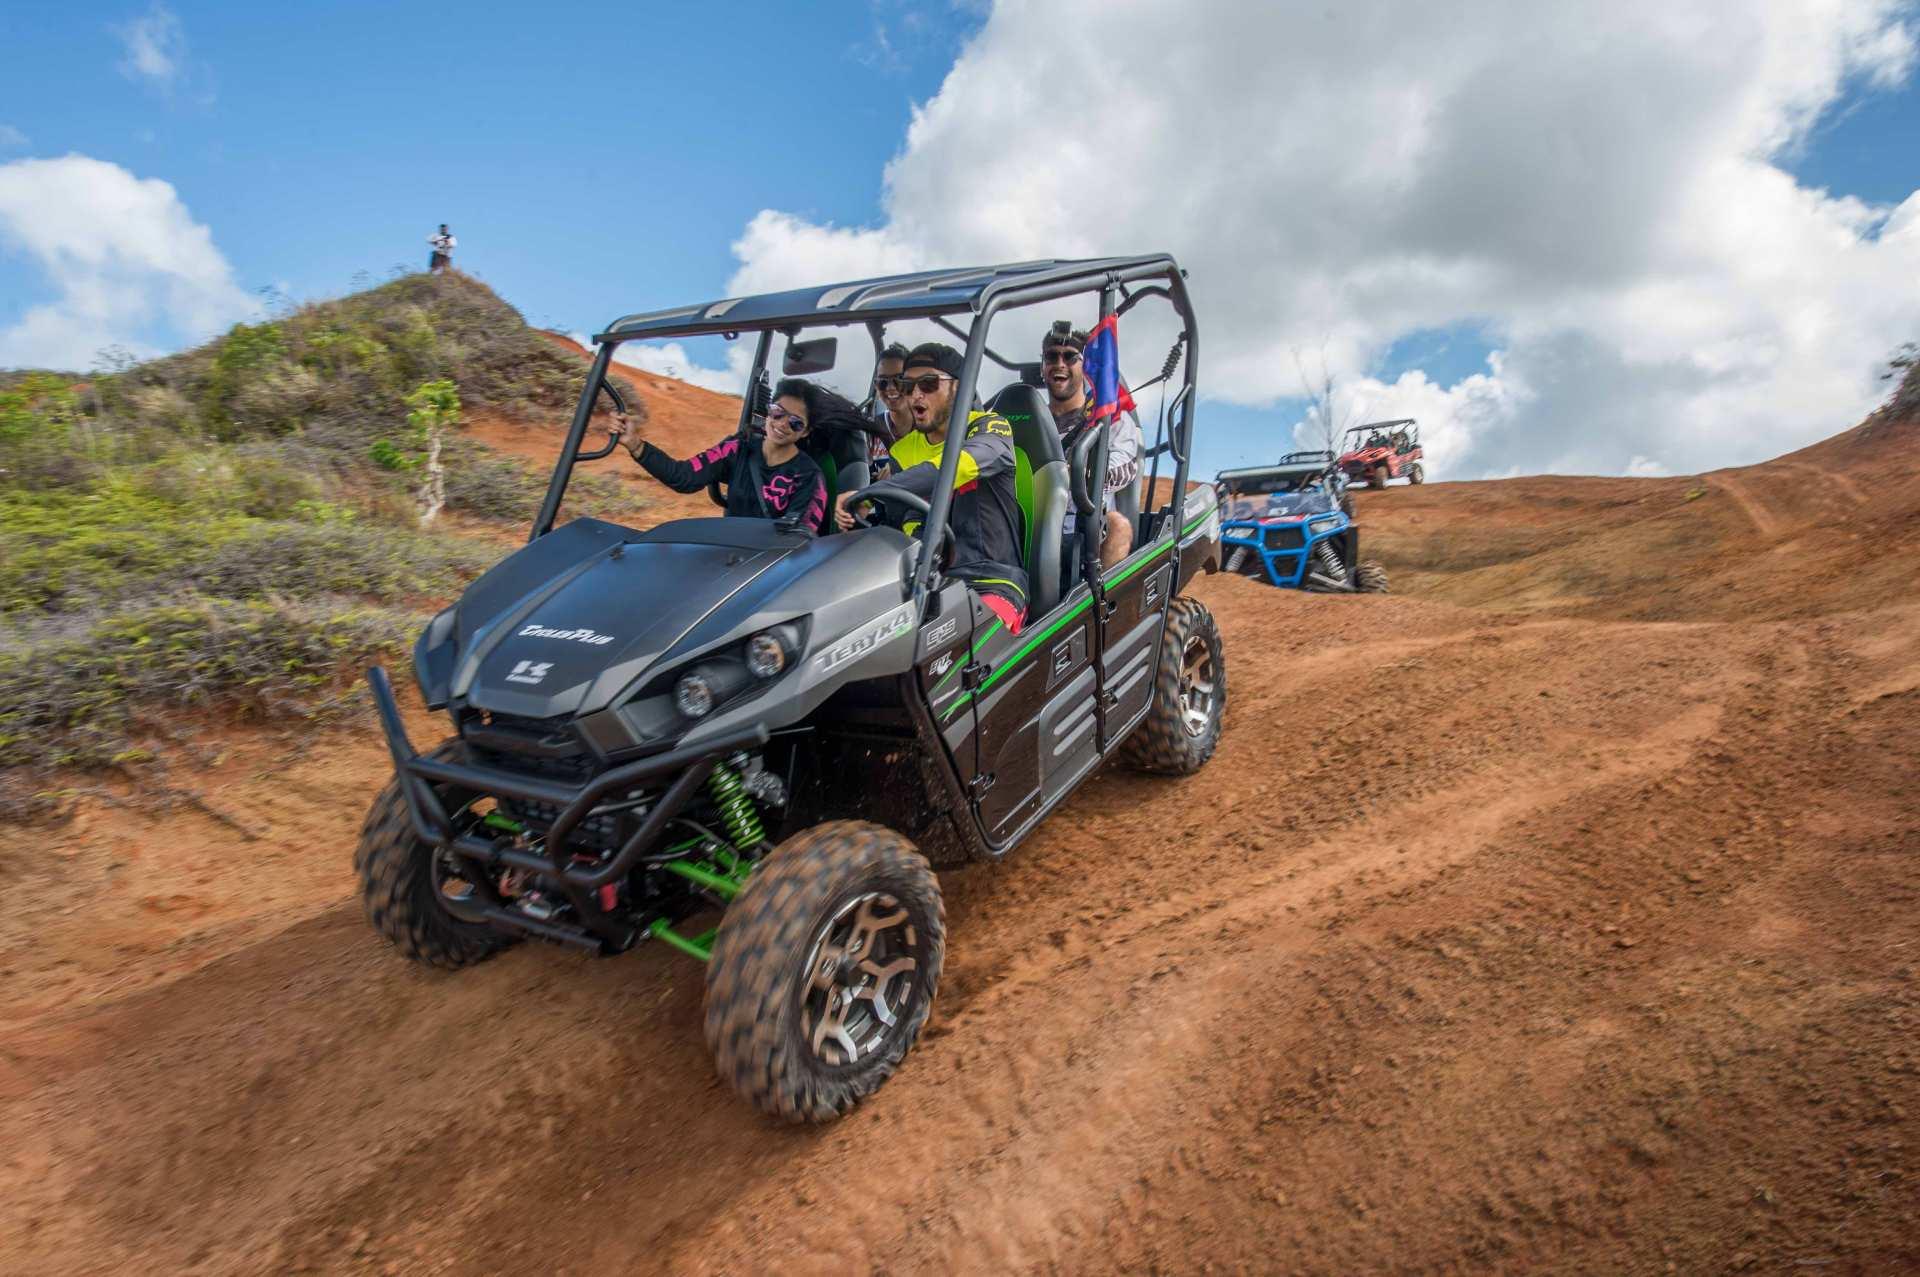 【關島新玩法】關島 ATV 越野吉普車叢林探險(含飯店來回接送)